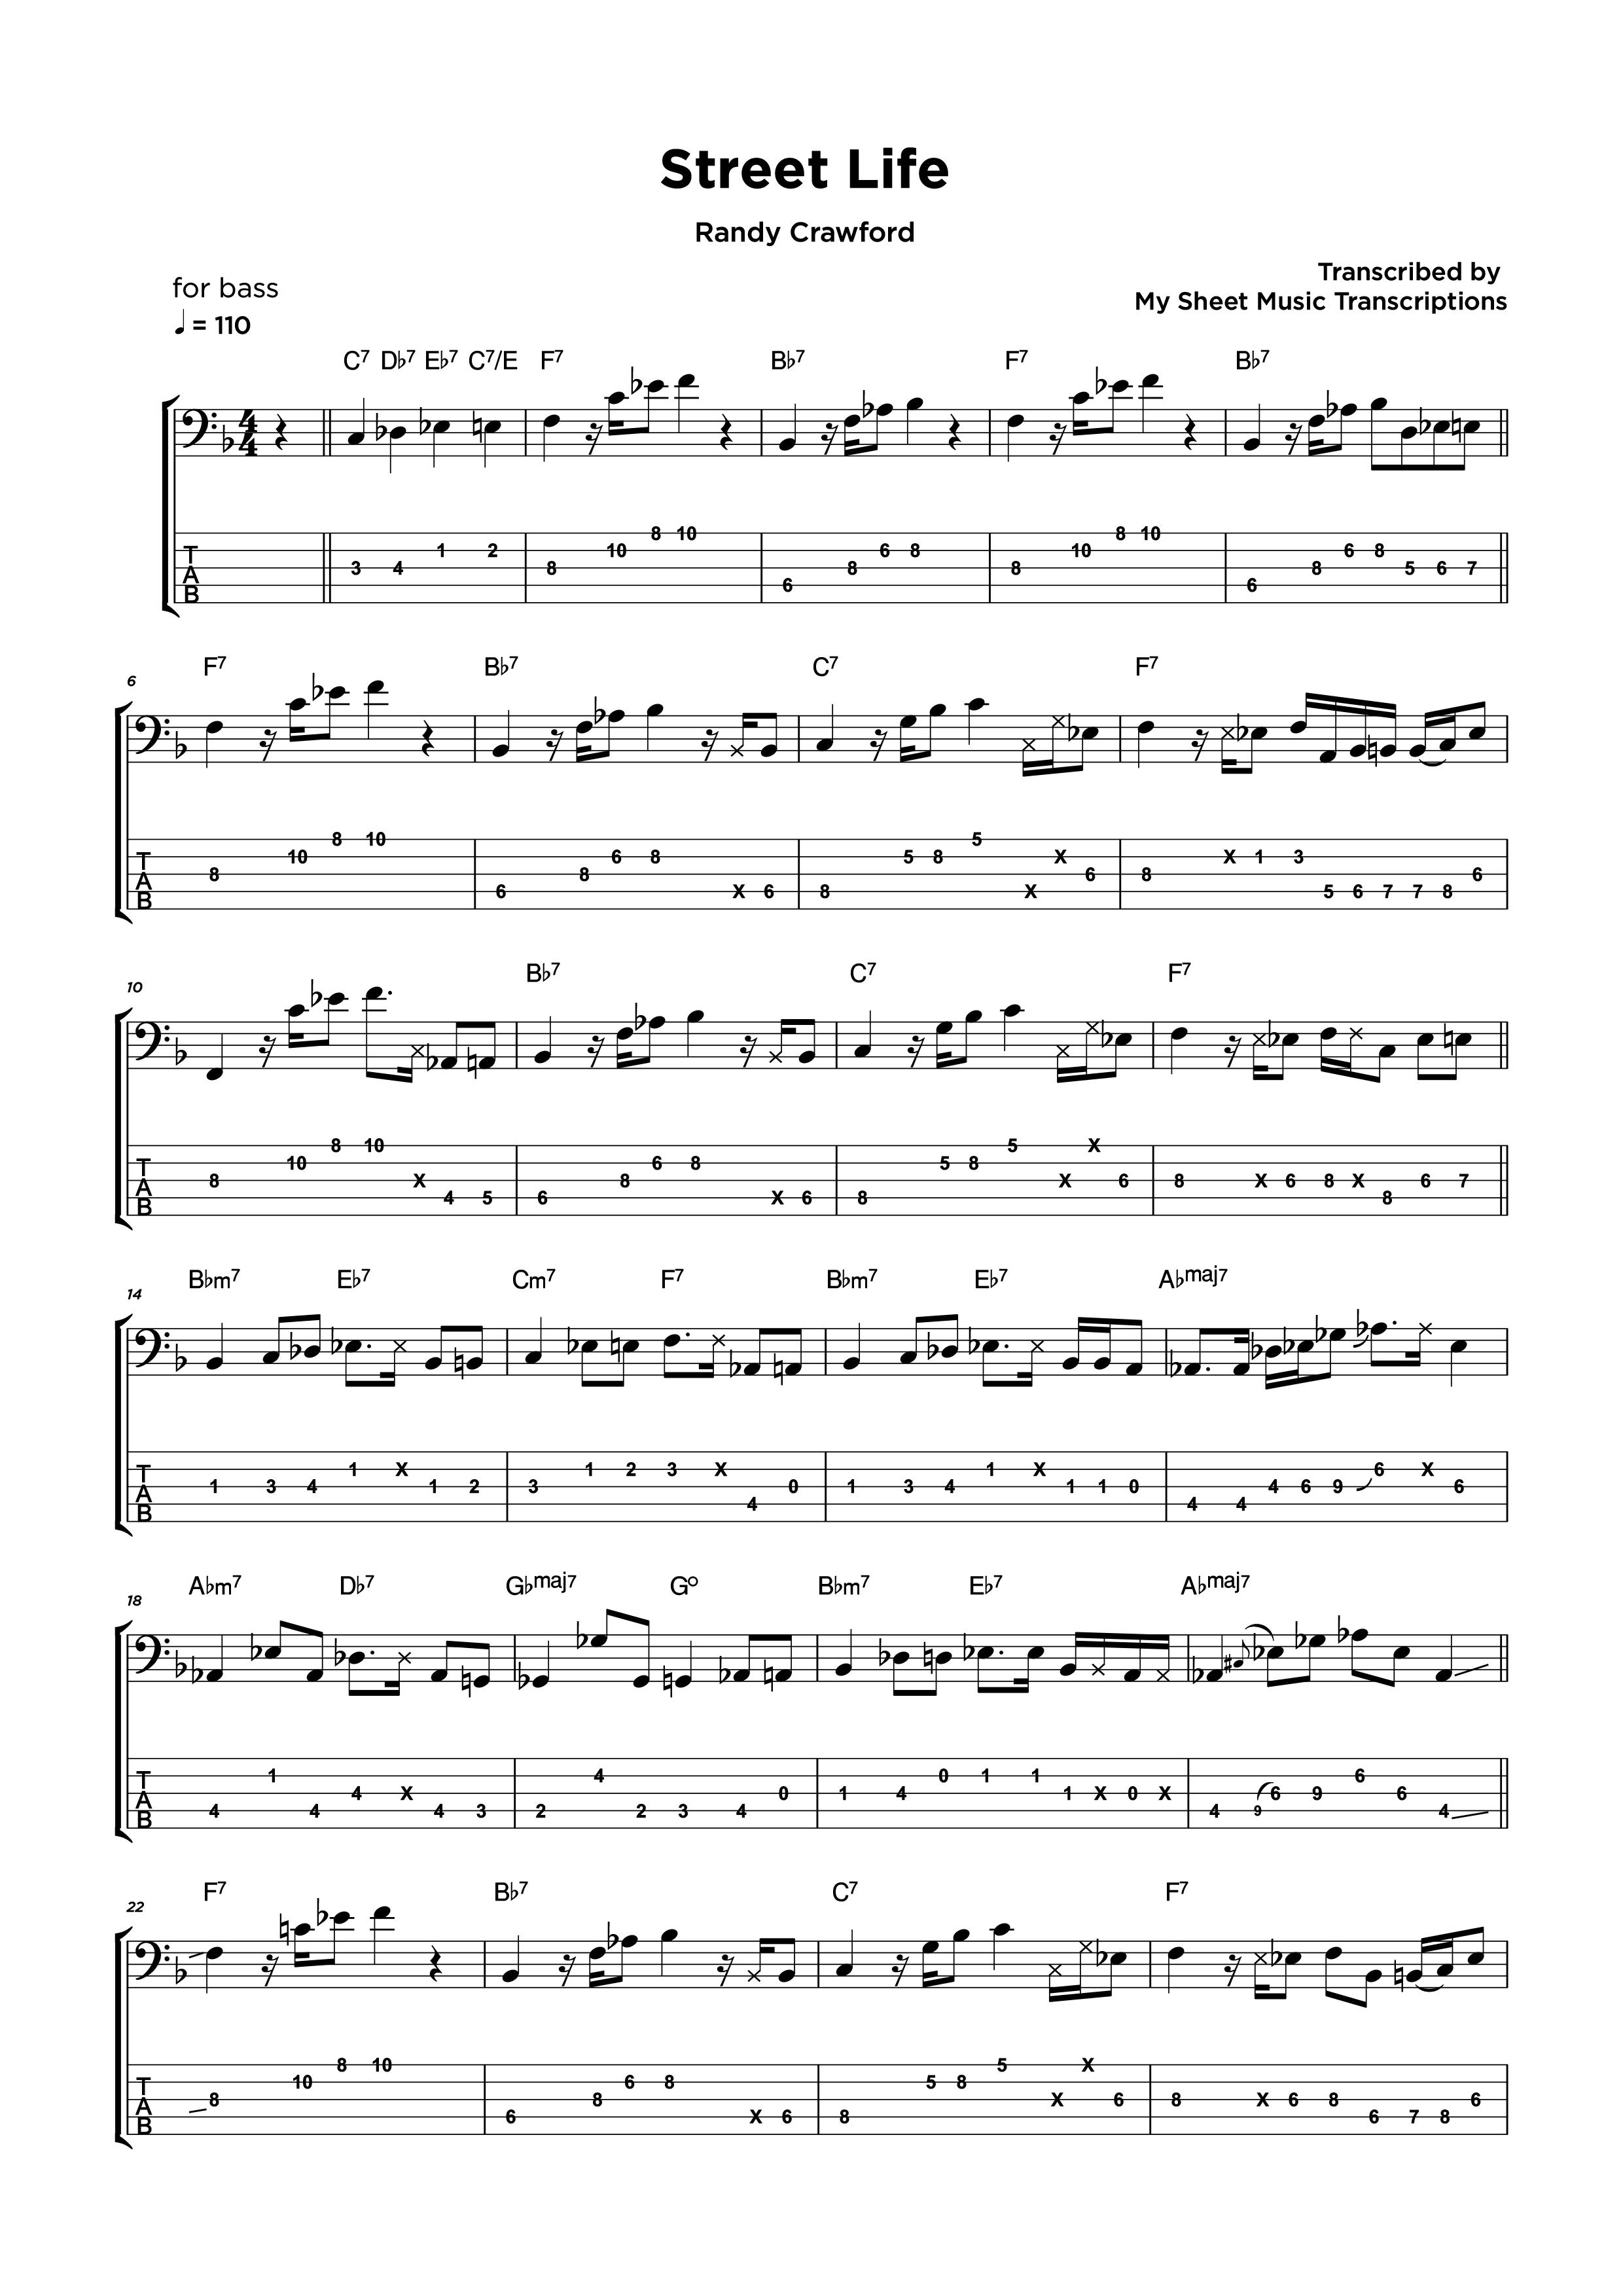 Street Life - Randy Crawford - Transcripción de partitura para bajo